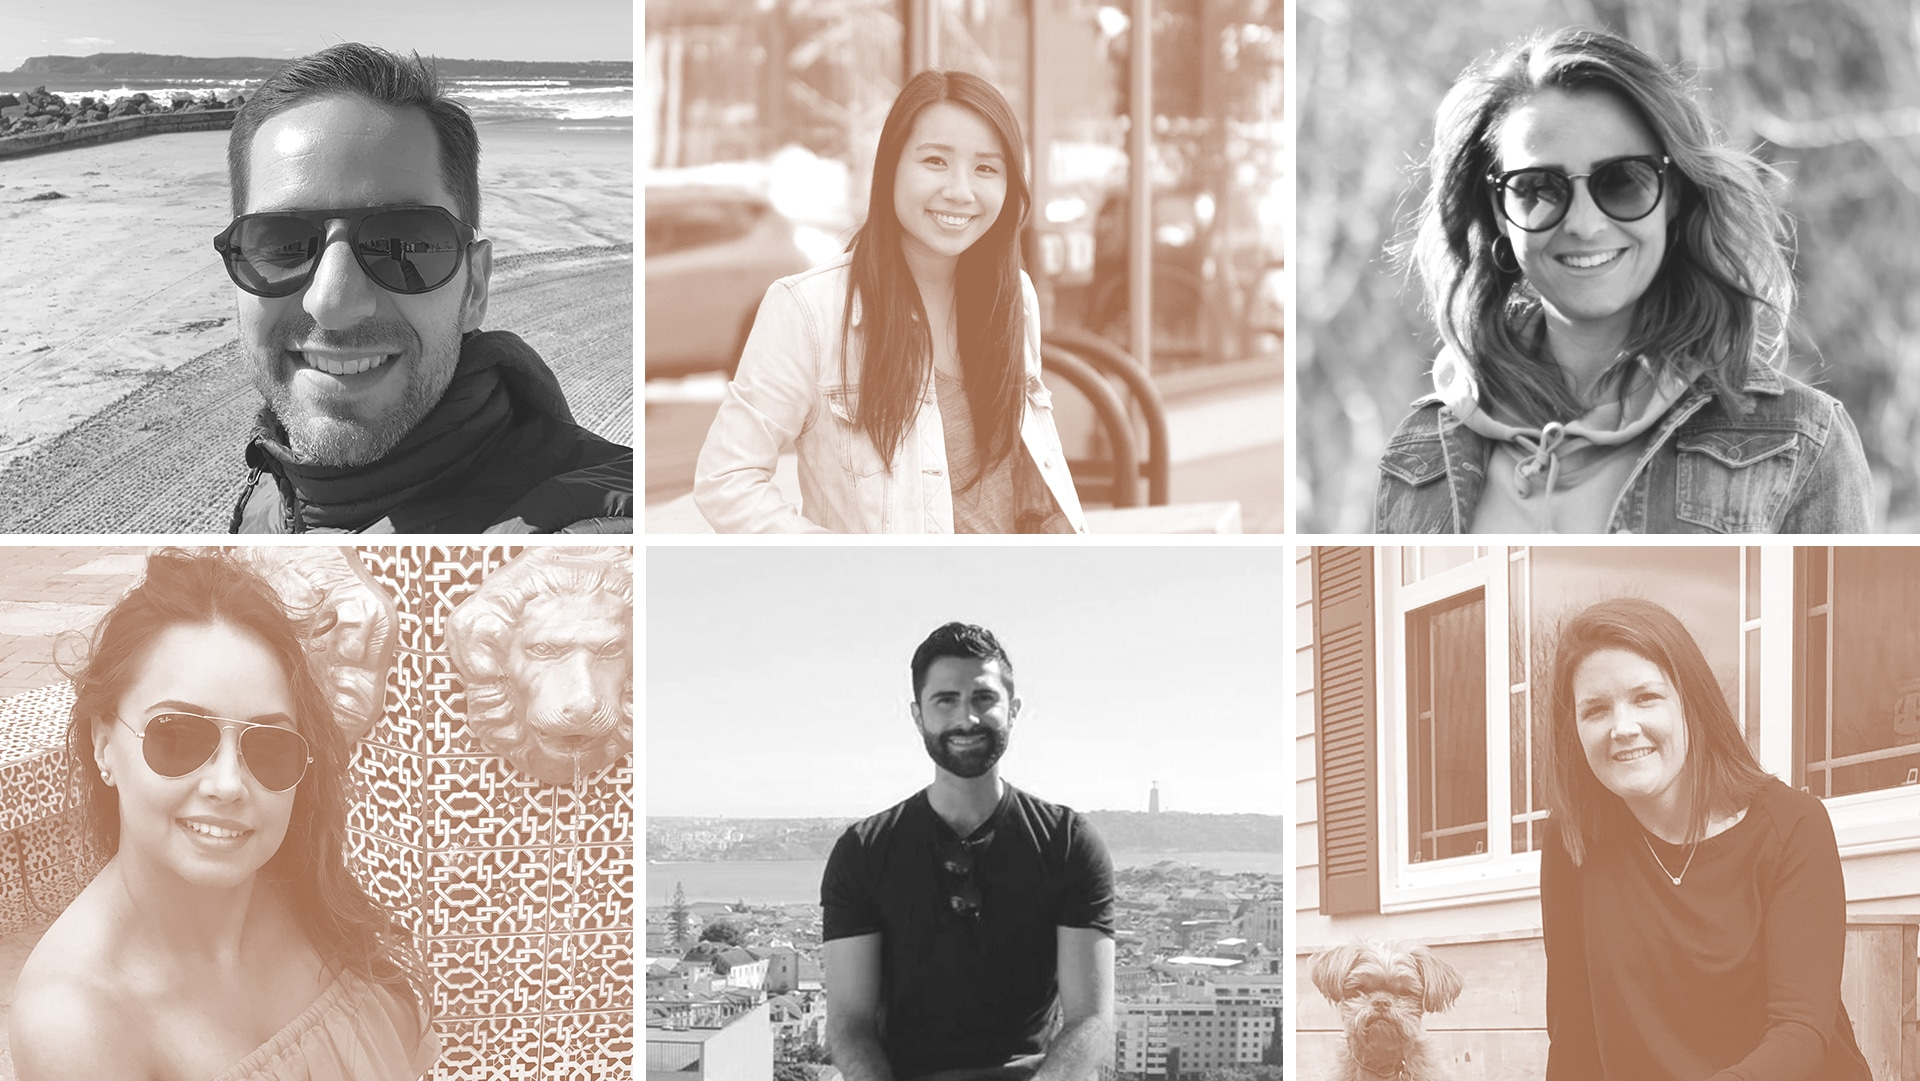 six portrait images of TD financial advisors